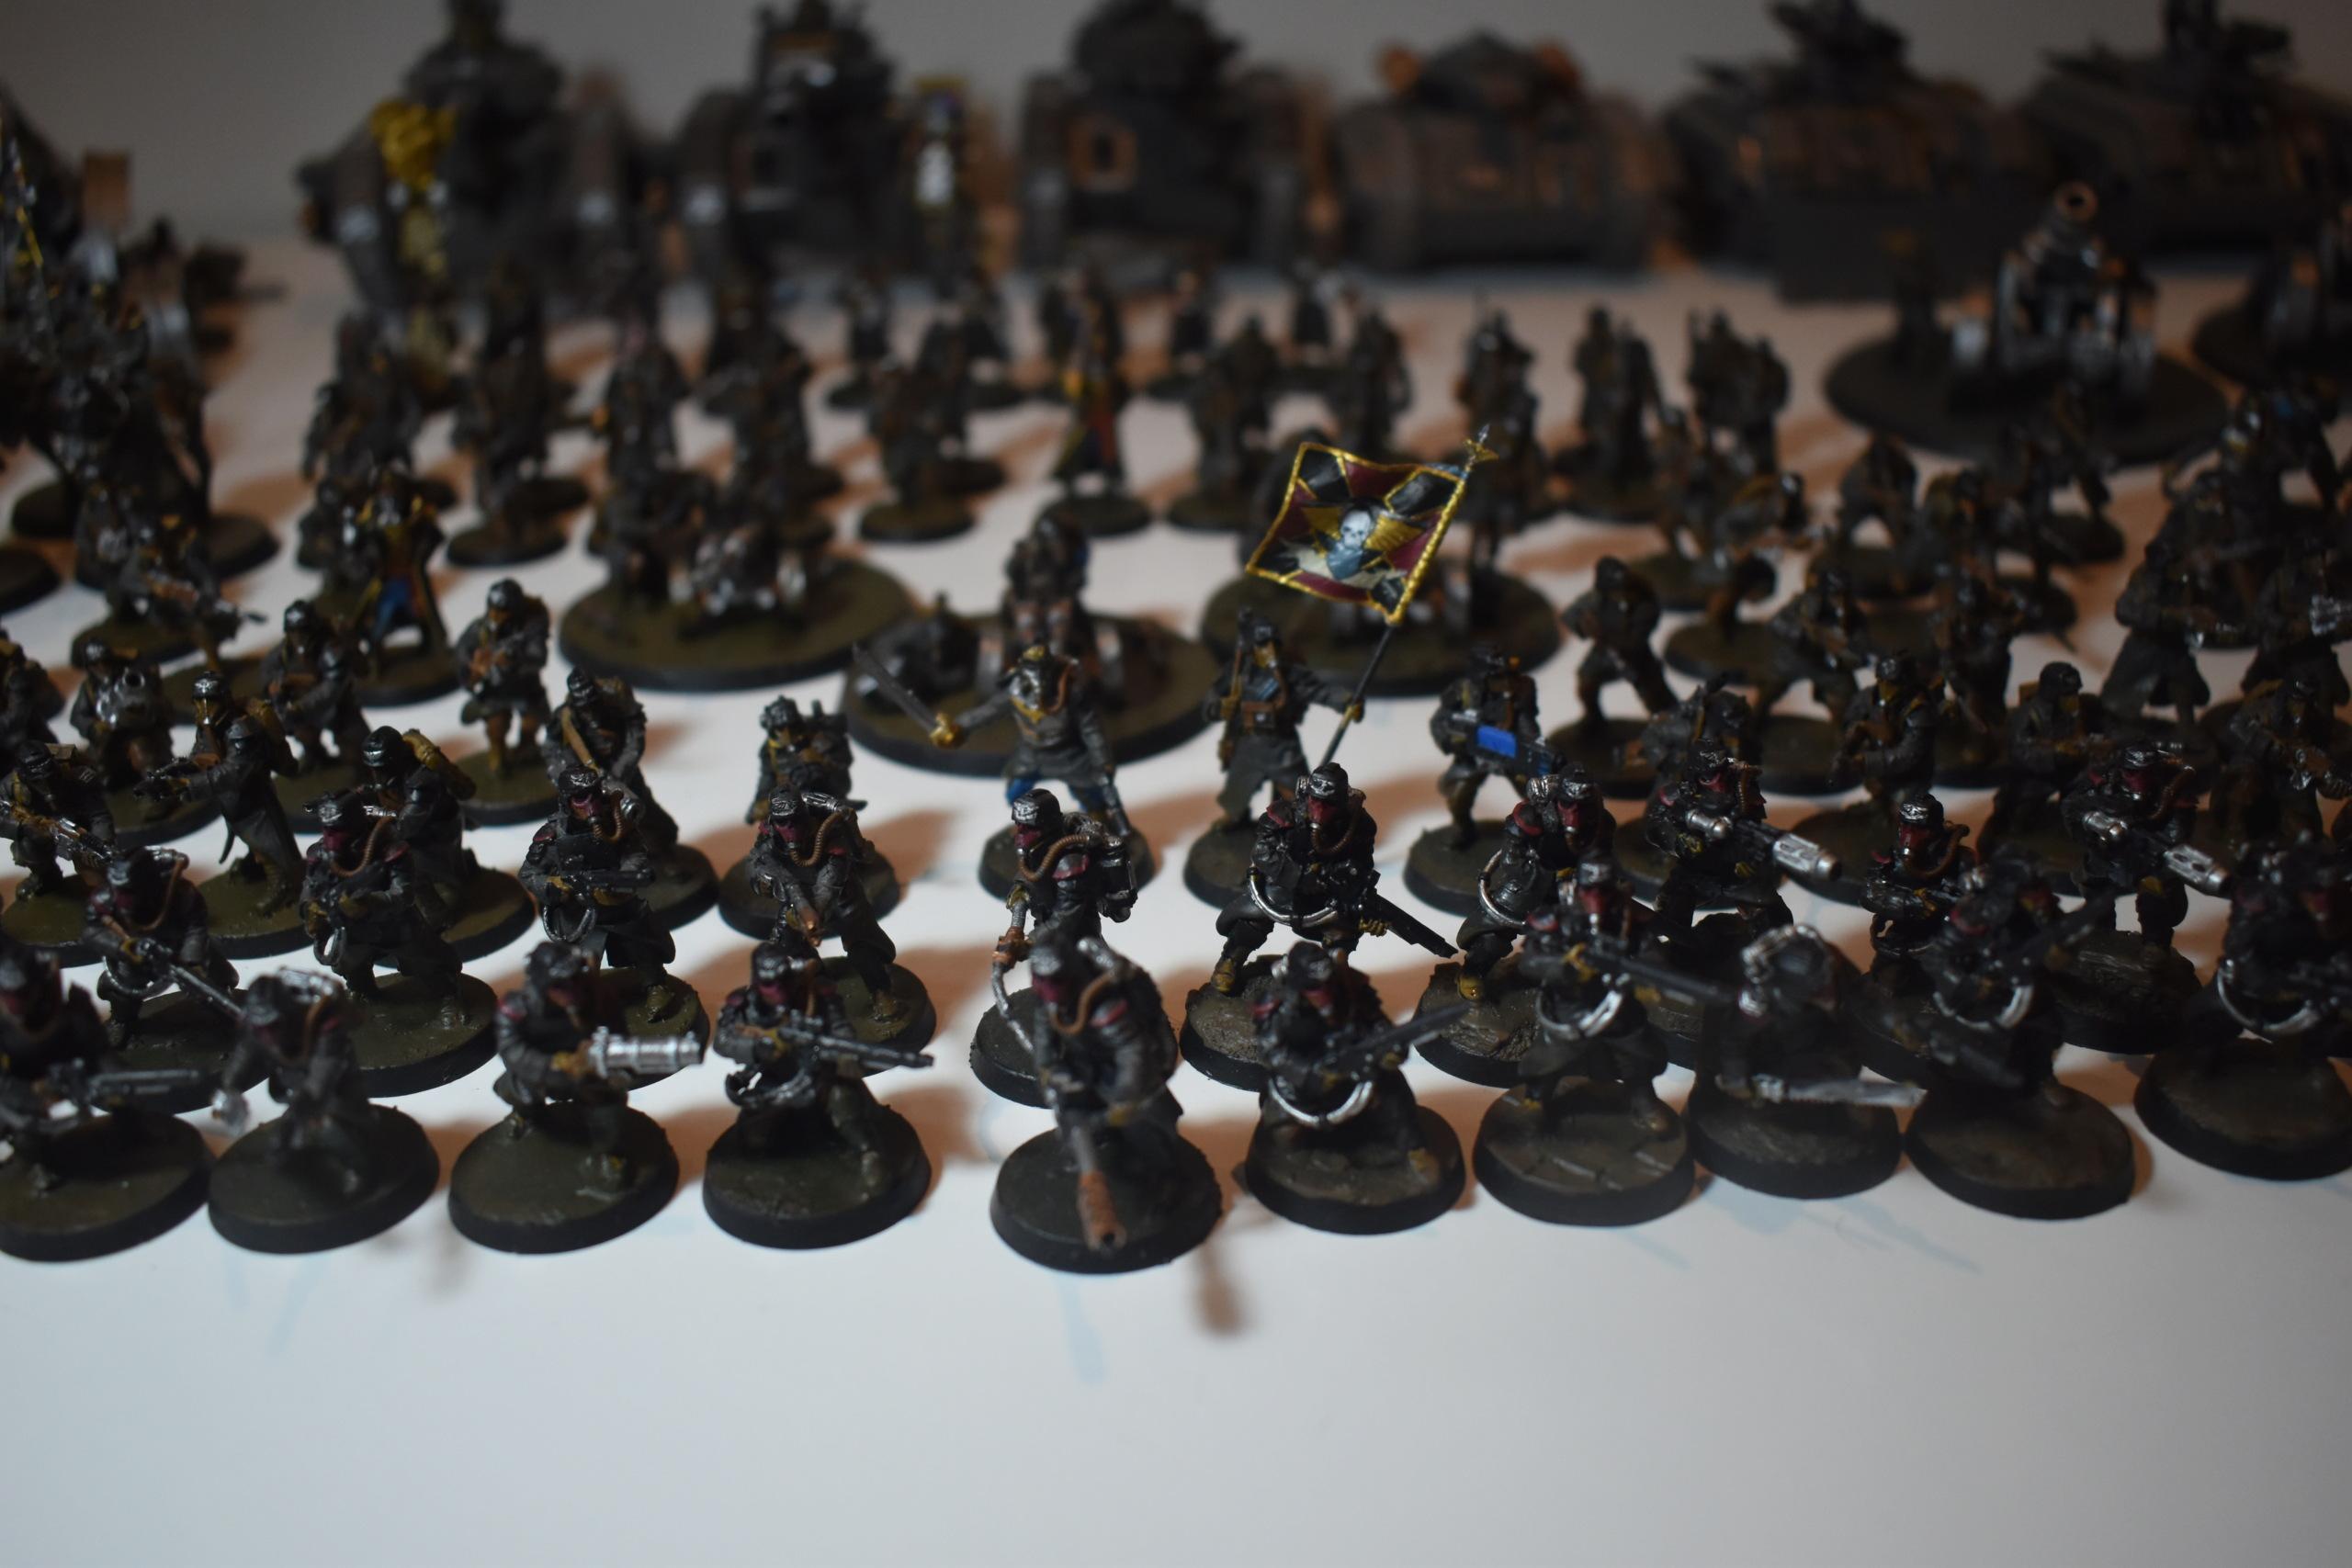 Les Armées de Nico. (Battle, 40K & HH) - Page 6 Dsc_0249